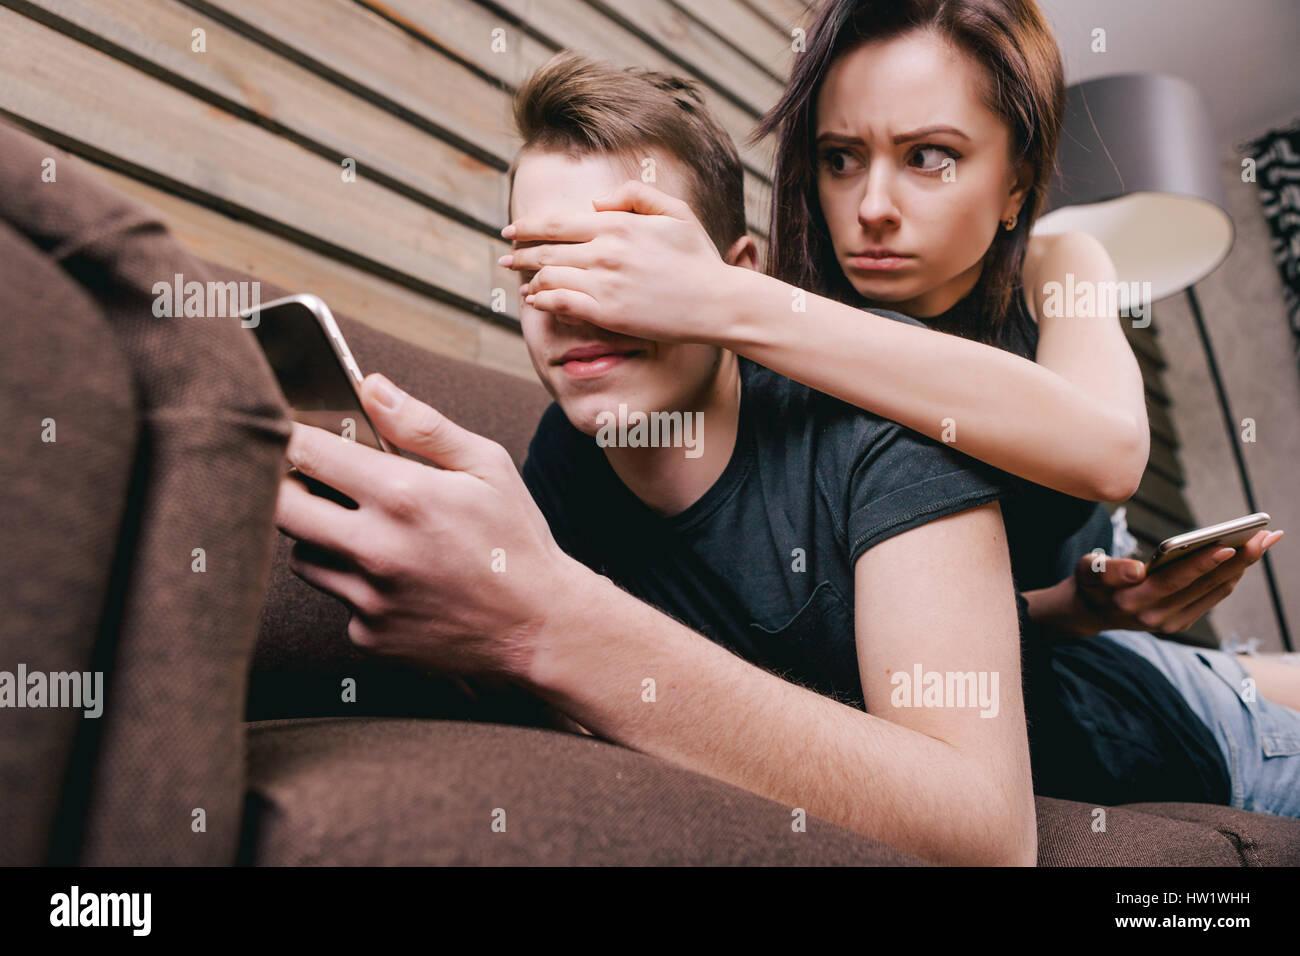 Interrassische Datierung richmond va